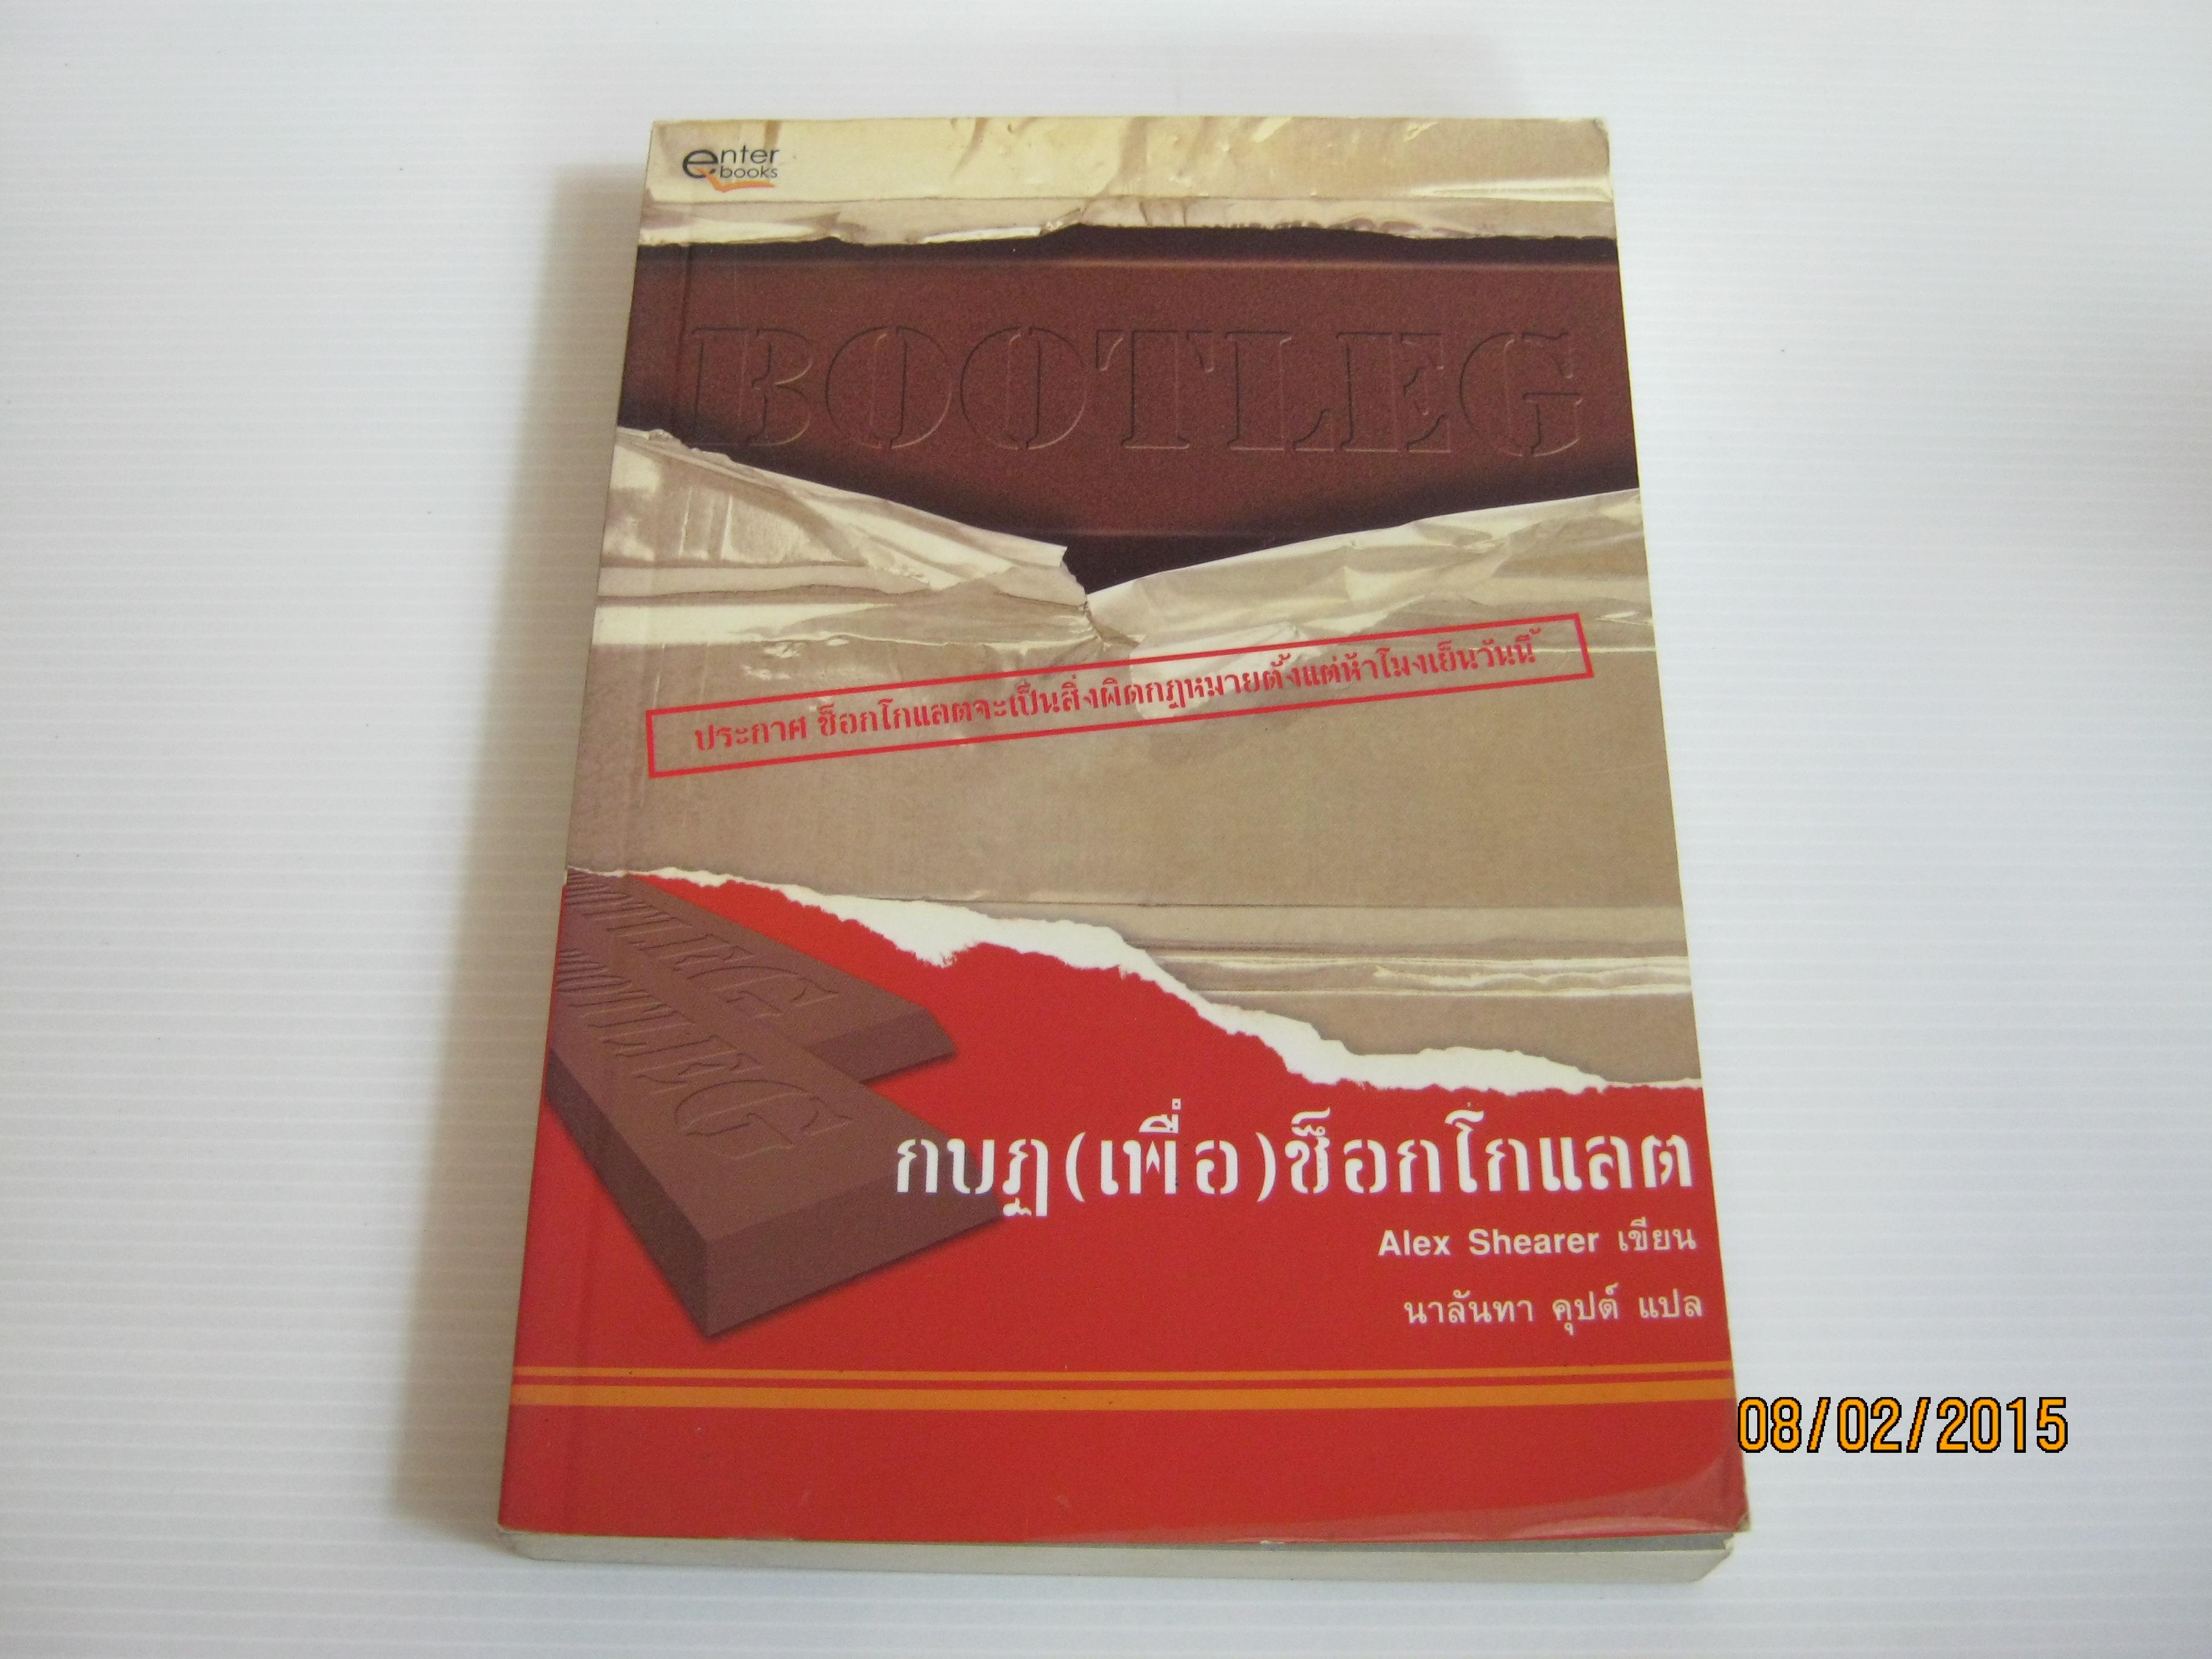 กบฏ (เพื่อ) ช็อกโกแลต Alex Shearer เขียน นาลันทา คุปต์ แปล